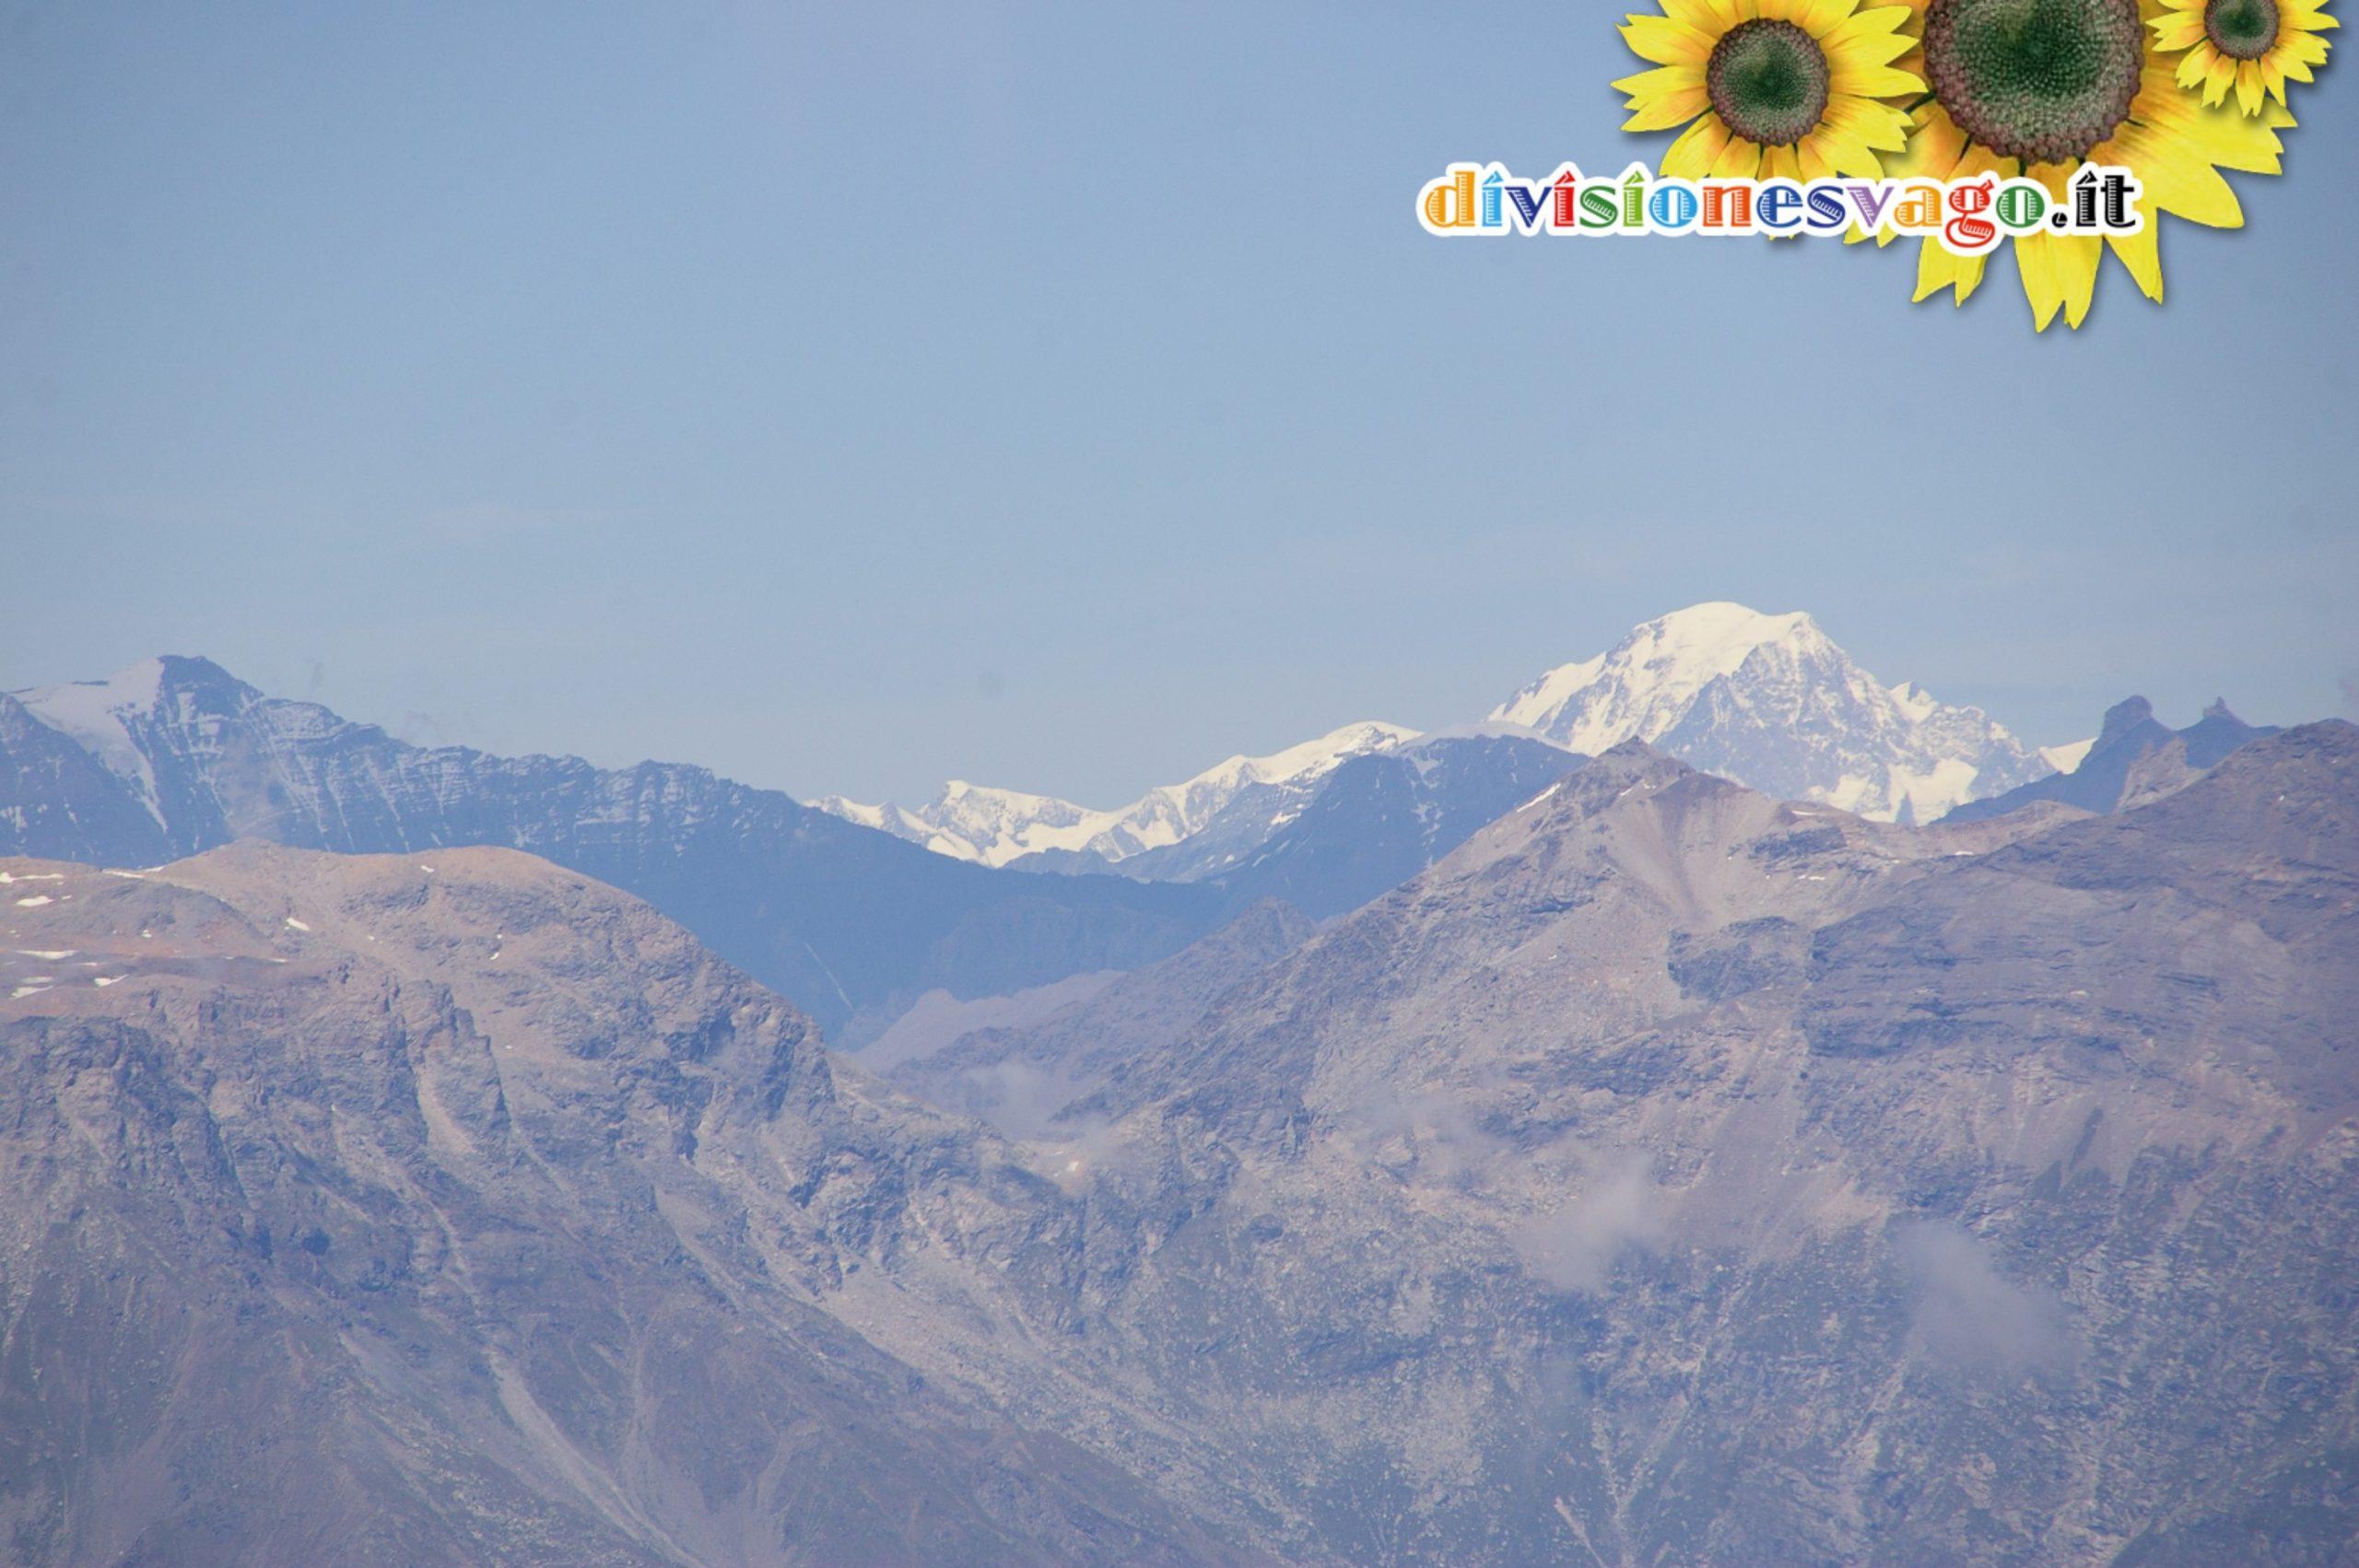 Monte Bianco, Dome du Gouter, Aiguille du Bionnassay